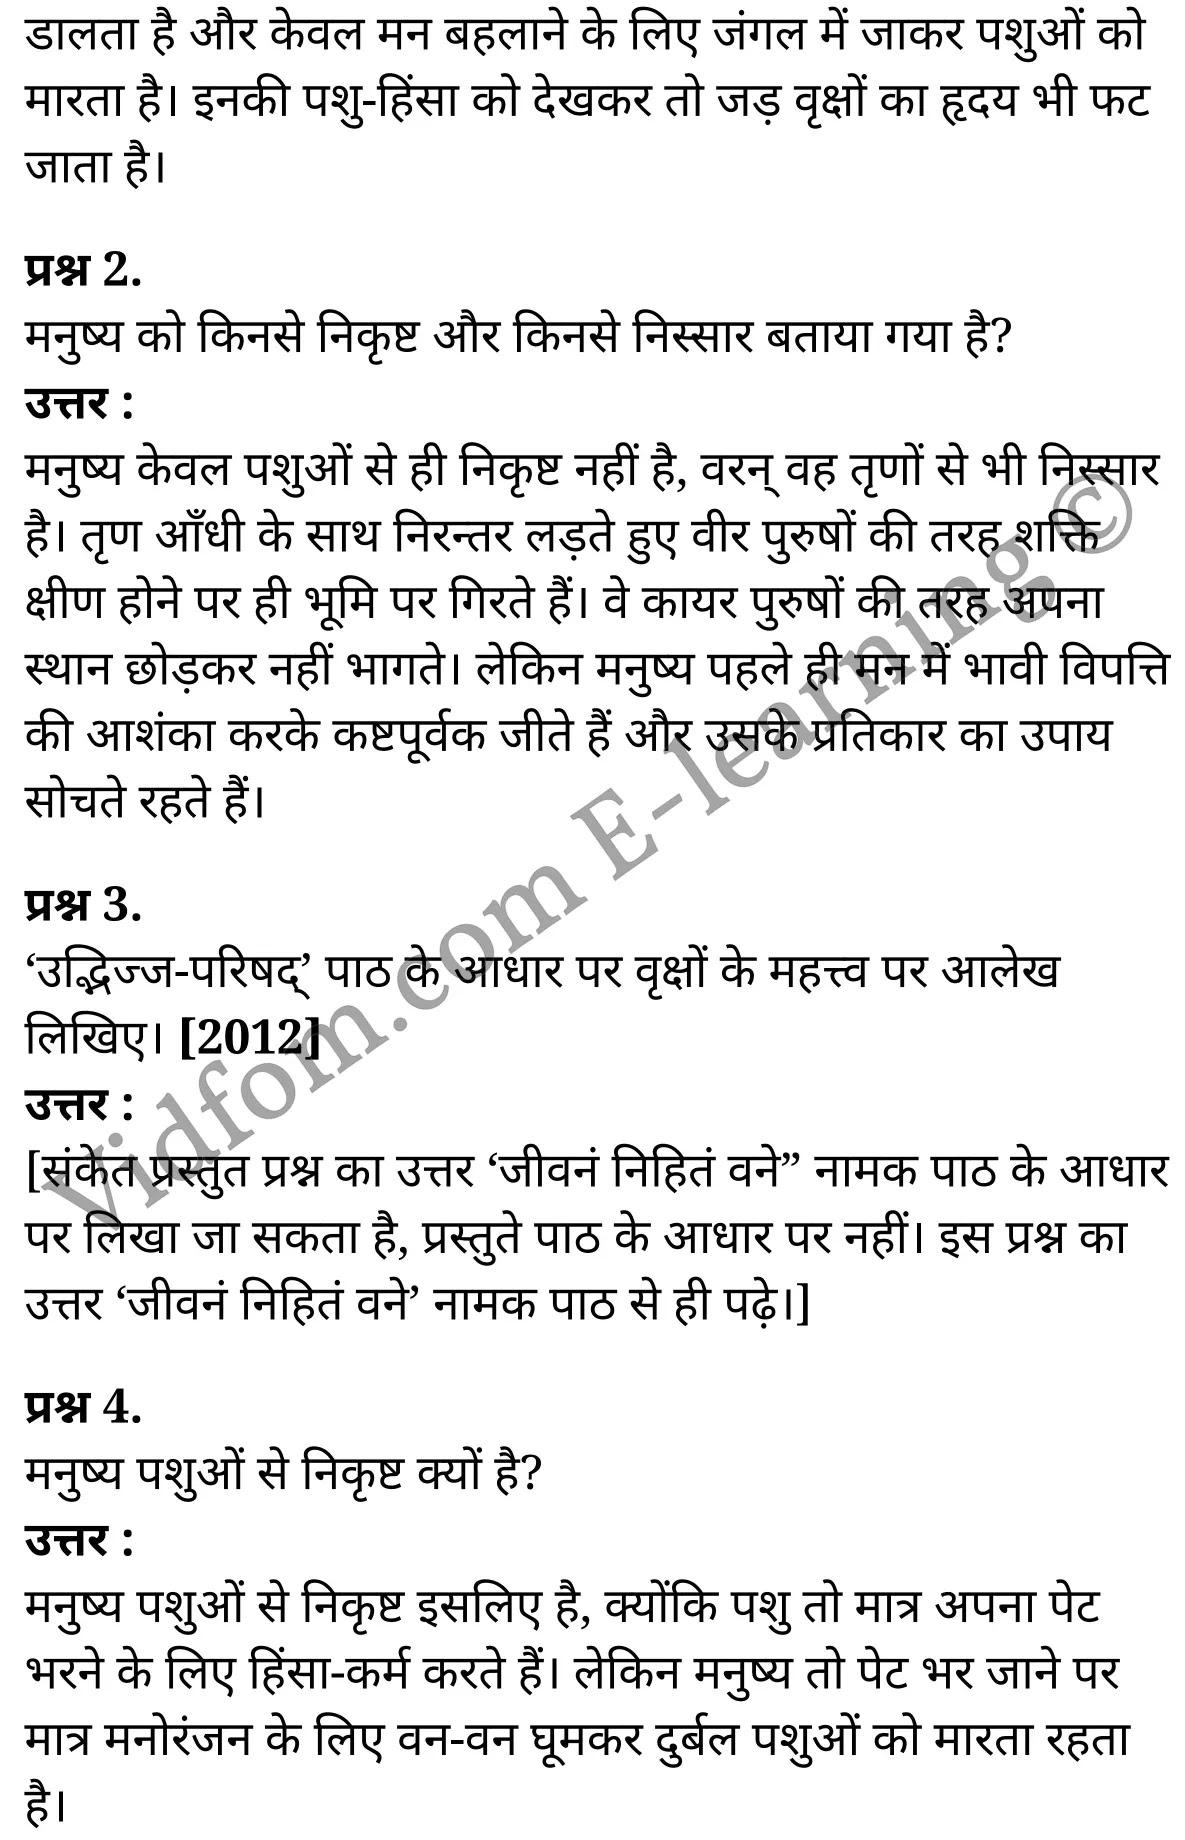 कक्षा 10 संस्कृत  के नोट्स  हिंदी में एनसीईआरटी समाधान,     class 10 sanskrit gadya bharathi Chapter 2,   class 10 sanskrit gadya bharathi Chapter 2 ncert solutions in Hindi,   class 10 sanskrit gadya bharathi Chapter 2 notes in hindi,   class 10 sanskrit gadya bharathi Chapter 2 question answer,   class 10 sanskrit gadya bharathi Chapter 2 notes,   class 10 sanskrit gadya bharathi Chapter 2 class 10 sanskrit gadya bharathi Chapter 2 in  hindi,    class 10 sanskrit gadya bharathi Chapter 2 important questions in  hindi,   class 10 sanskrit gadya bharathi Chapter 2 notes in hindi,    class 10 sanskrit gadya bharathi Chapter 2 test,   class 10 sanskrit gadya bharathi Chapter 2 pdf,   class 10 sanskrit gadya bharathi Chapter 2 notes pdf,   class 10 sanskrit gadya bharathi Chapter 2 exercise solutions,   class 10 sanskrit gadya bharathi Chapter 2 notes study rankers,   class 10 sanskrit gadya bharathi Chapter 2 notes,    class 10 sanskrit gadya bharathi Chapter 2  class 10  notes pdf,   class 10 sanskrit gadya bharathi Chapter 2 class 10  notes  ncert,   class 10 sanskrit gadya bharathi Chapter 2 class 10 pdf,   class 10 sanskrit gadya bharathi Chapter 2  book,   class 10 sanskrit gadya bharathi Chapter 2 quiz class 10  ,   कक्षा 10 उद्भिज्ज परिषद्,  कक्षा 10 उद्भिज्ज परिषद्  के नोट्स हिंदी में,  कक्षा 10 उद्भिज्ज परिषद् प्रश्न उत्तर,  कक्षा 10 उद्भिज्ज परिषद् के नोट्स,  10 कक्षा उद्भिज्ज परिषद्  हिंदी में, कक्षा 10 उद्भिज्ज परिषद्  हिंदी में,  कक्षा 10 उद्भिज्ज परिषद्  महत्वपूर्ण प्रश्न हिंदी में, कक्षा 10 संस्कृत के नोट्स  हिंदी में, उद्भिज्ज परिषद् हिंदी में कक्षा 10 नोट्स pdf,    उद्भिज्ज परिषद् हिंदी में  कक्षा 10 नोट्स 2021 ncert,   उद्भिज्ज परिषद् हिंदी  कक्षा 10 pdf,   उद्भिज्ज परिषद् हिंदी में  पुस्तक,   उद्भिज्ज परिषद् हिंदी में की बुक,   उद्भिज्ज परिषद् हिंदी में  प्रश्नोत्तरी class 10 ,  10   वीं उद्भिज्ज परिषद्  पुस्तक up board,   बिहार बोर्ड 10  पुस्तक वीं उद्भिज्ज परिषद् नोट्स,    उद्भिज्ज परिषद्  कक्षा 10 नोट्स 2021 ncert,   उद्भिज्ज परिषद्  कक्षा 10 pdf